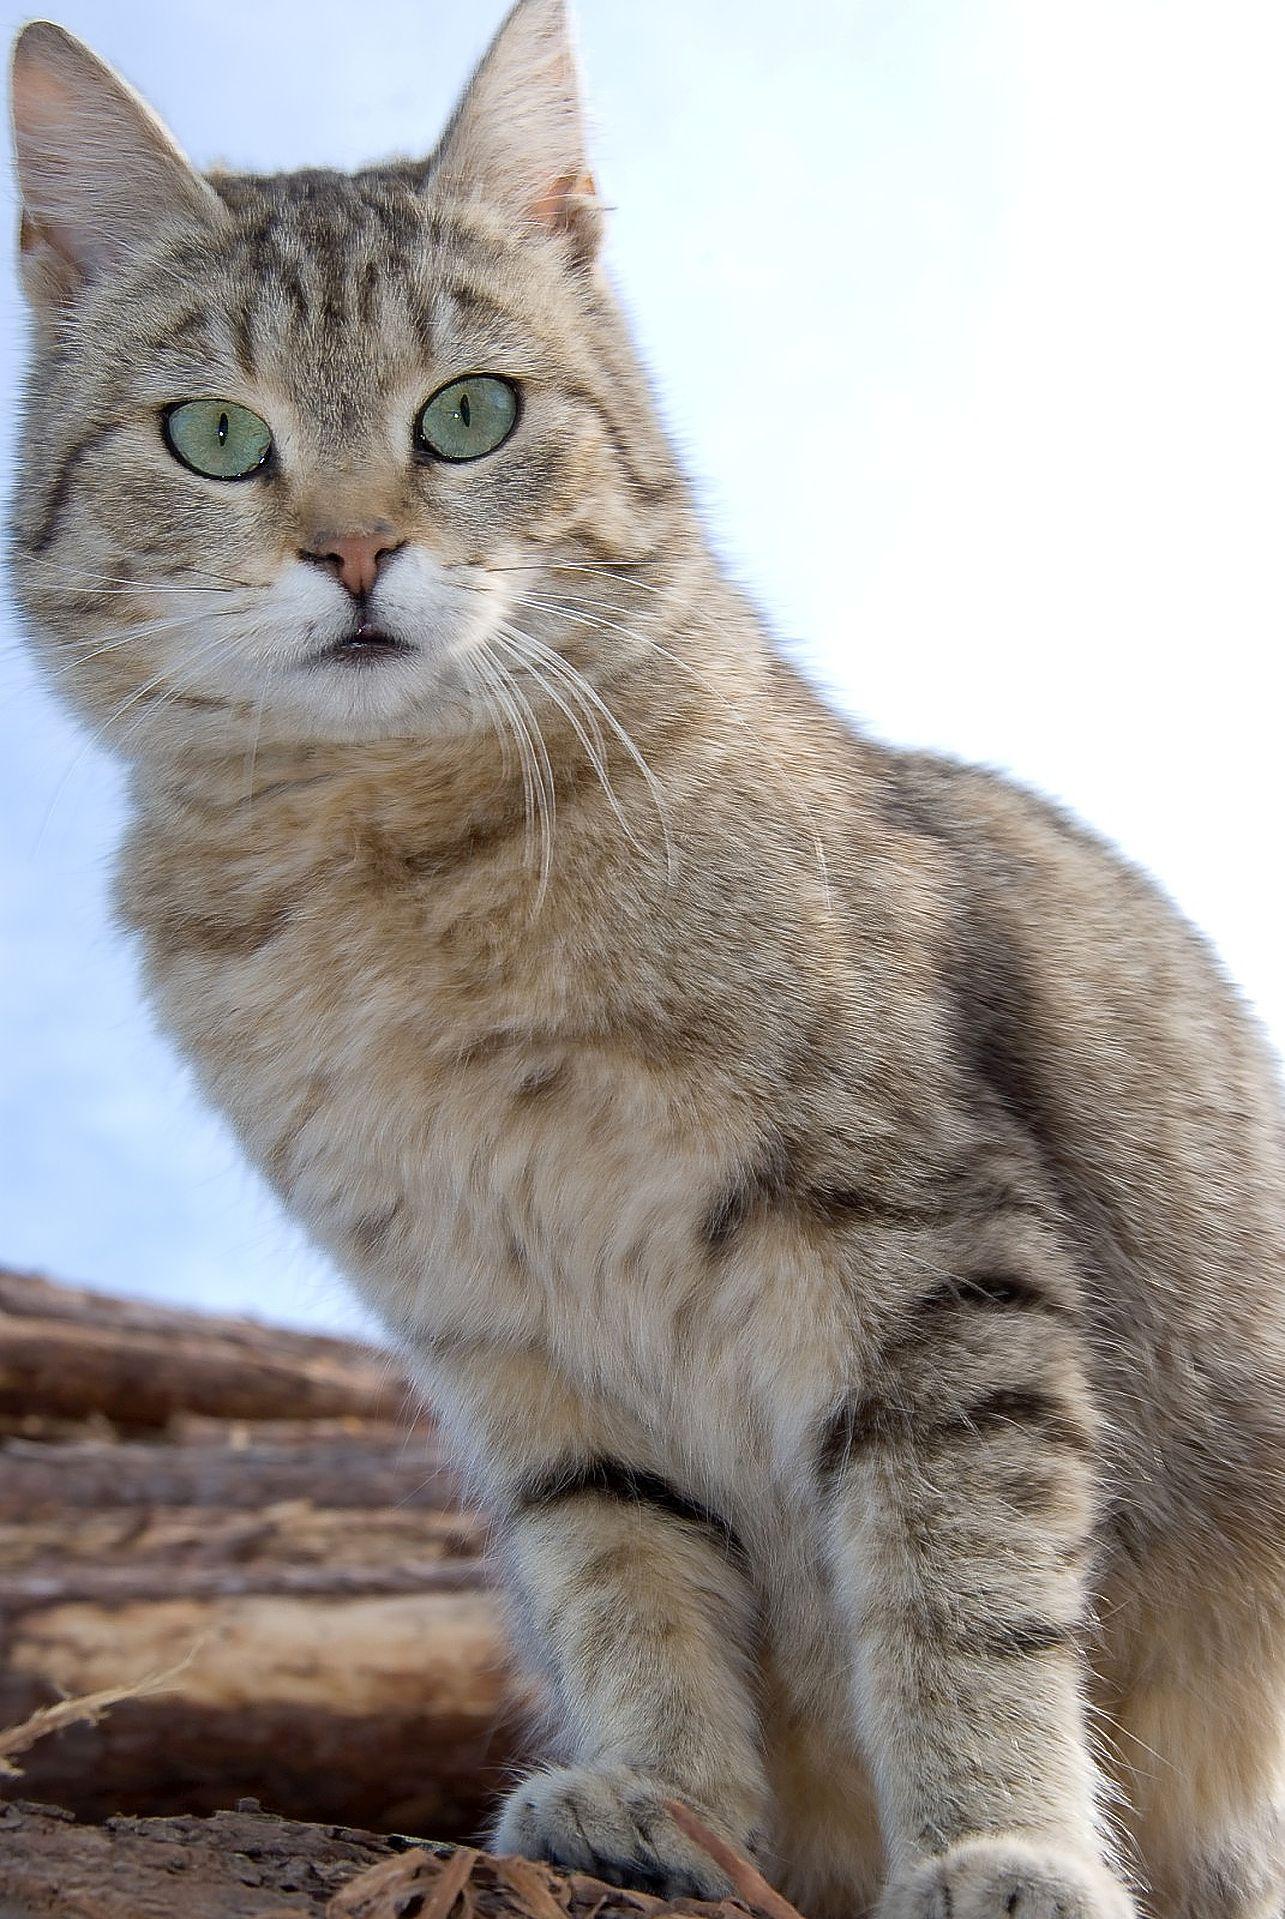 Suolinkainen Kissa